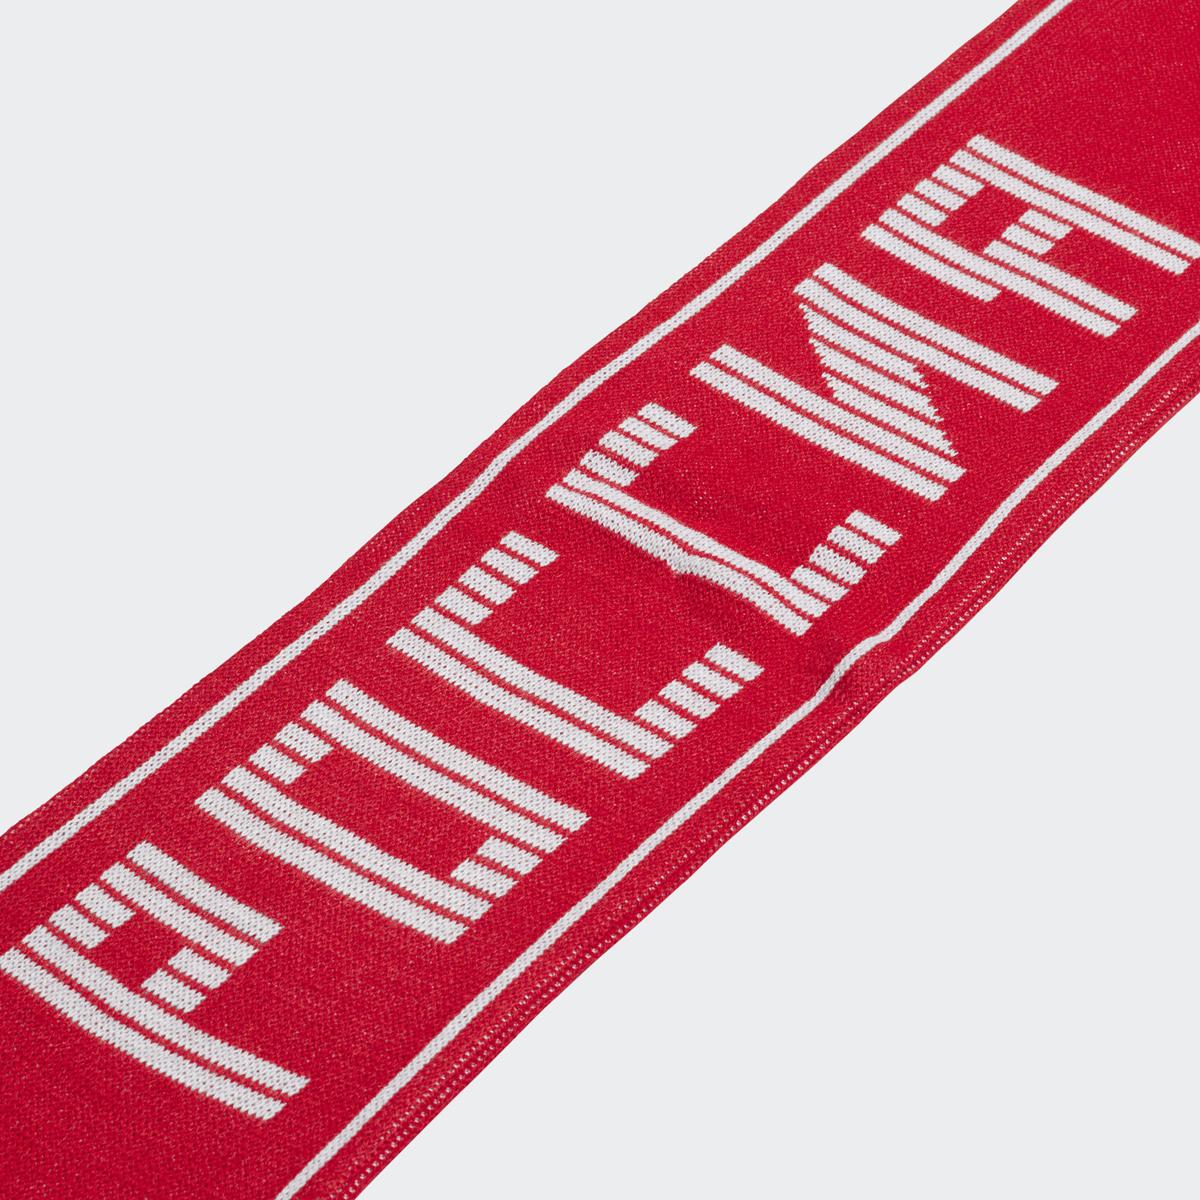 Шарф Adidas CF SCARF RUS, цвет: красный, белый. CF5173. Размер универсальный